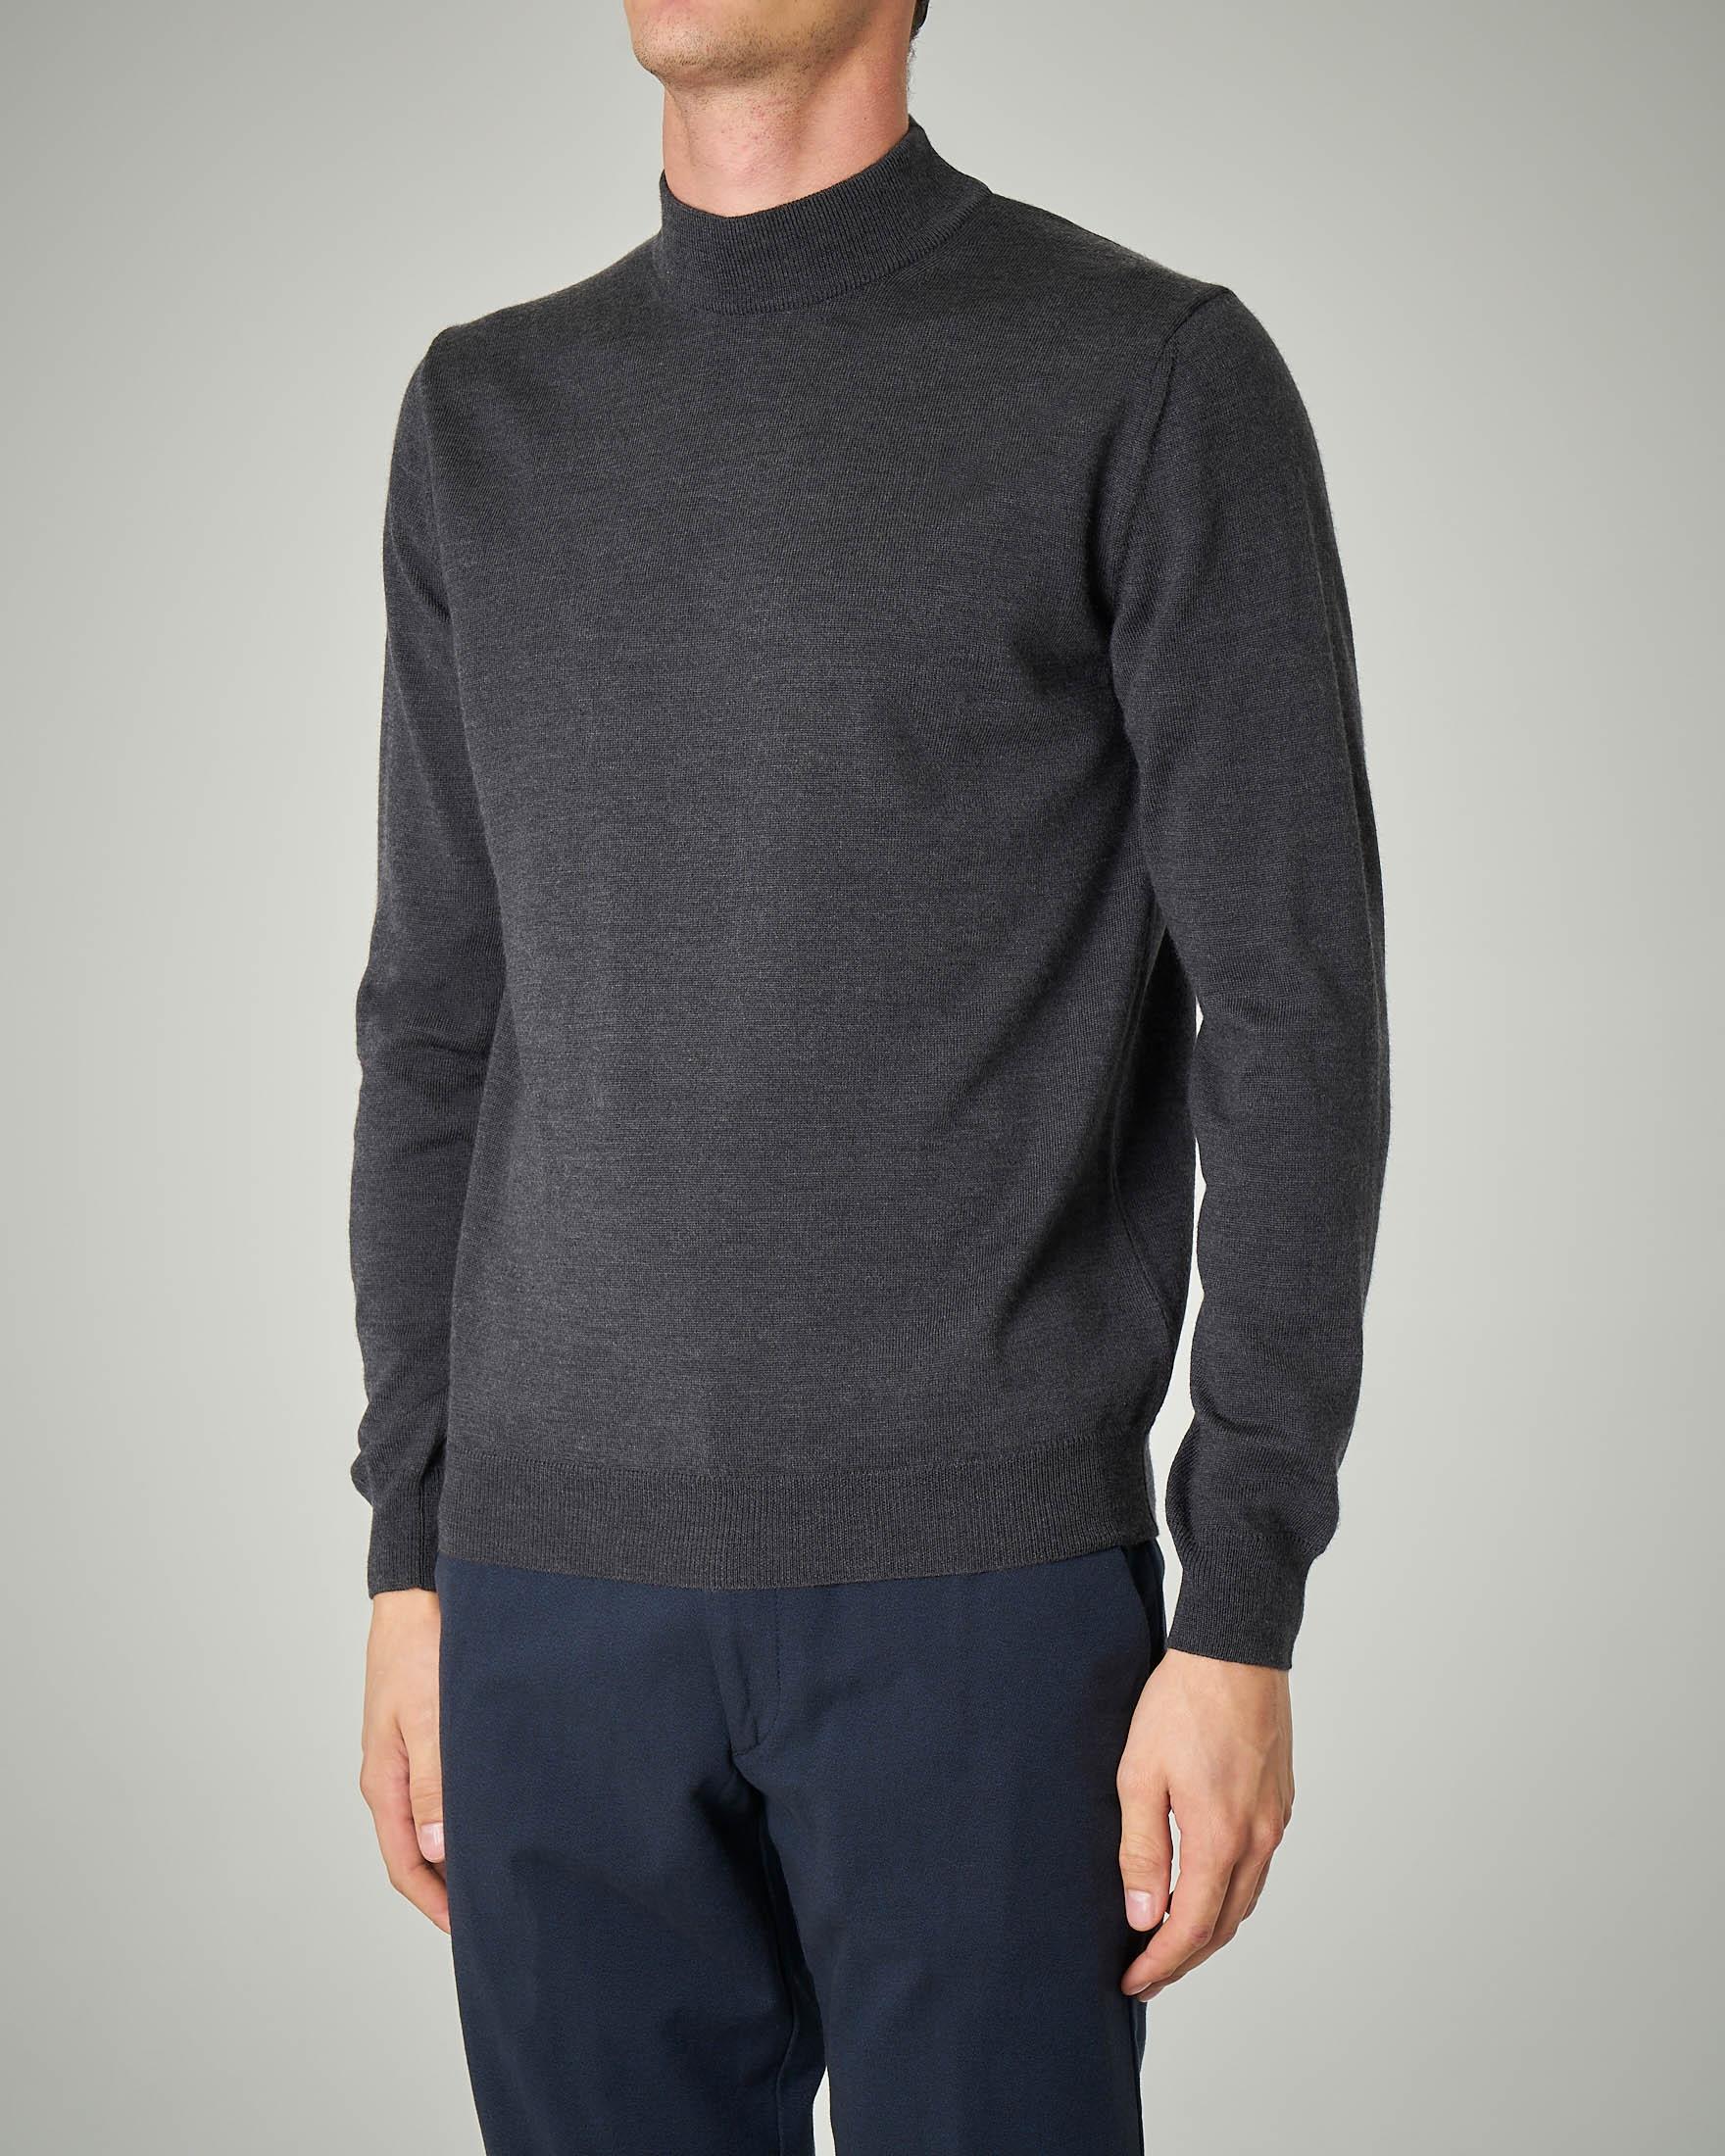 Lupetto antracite in lana merino